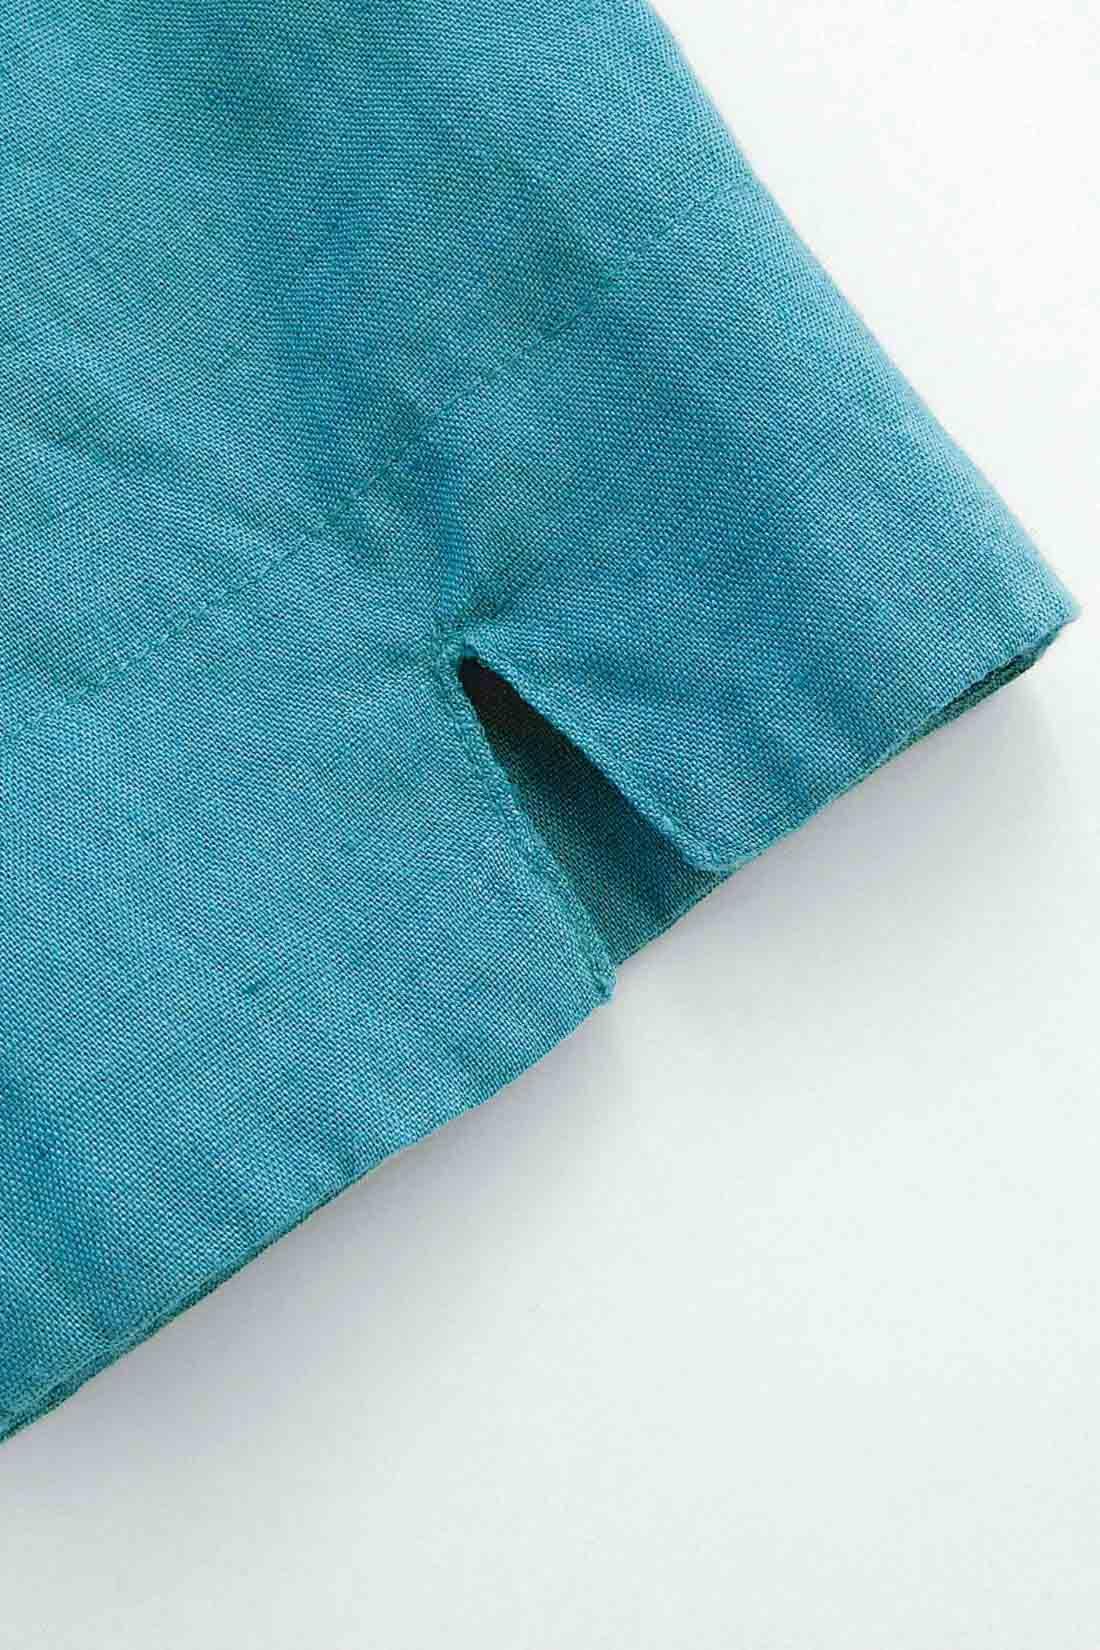 袖に入ったスリットがアクセント。 ※お届けするカラーとは異なります。